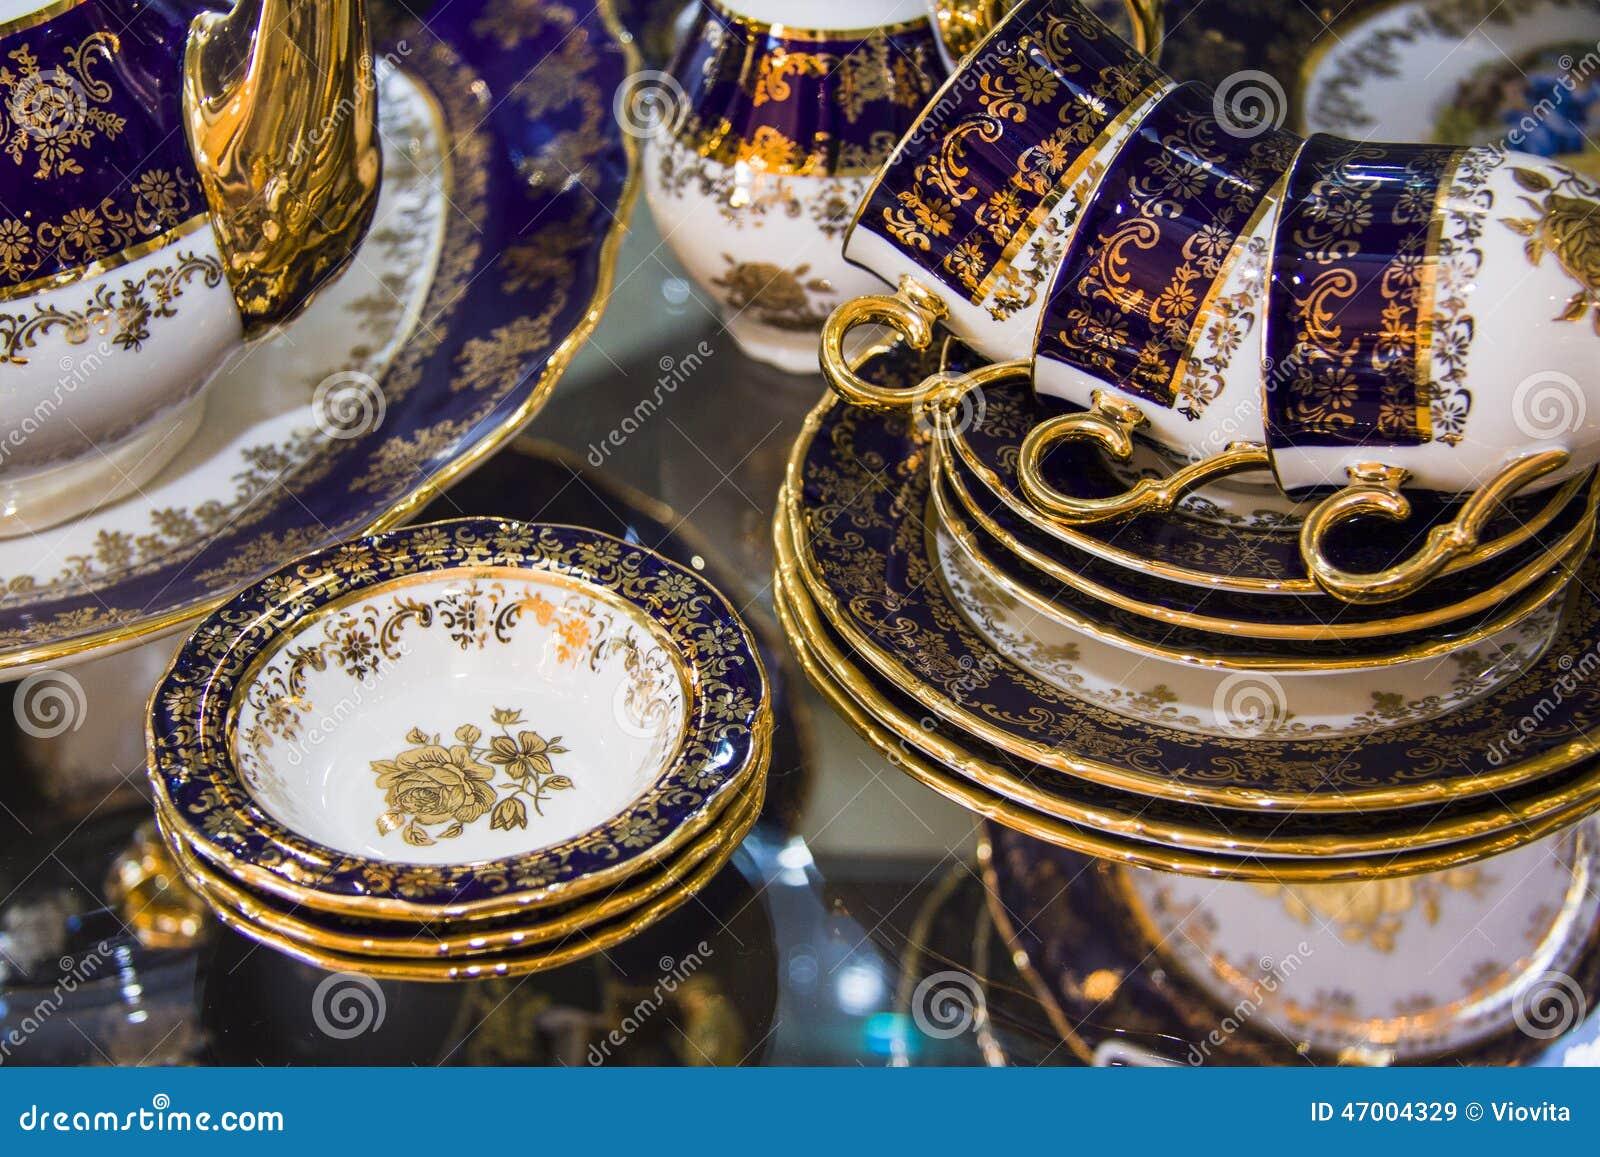 vaisselle de luxe de porcelaine photo stock image 47004329